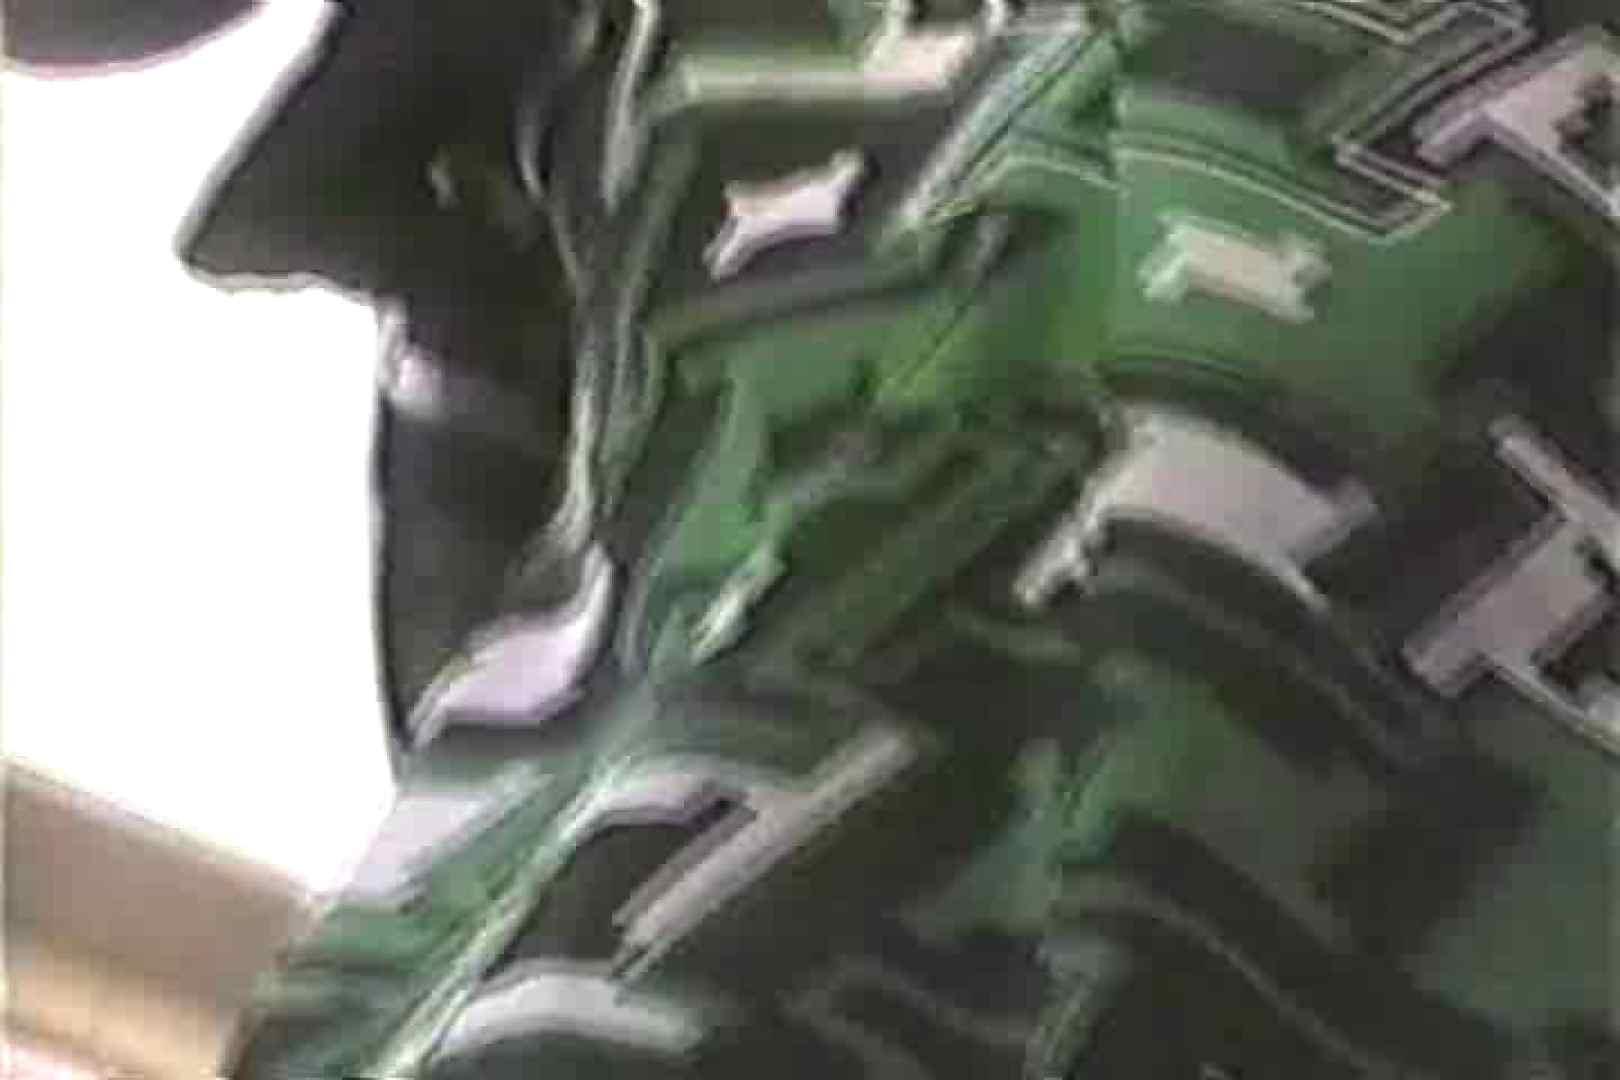 「ちくりん」さんのオリジナル未編集パンチラVol.2_02 OLヌード天国 AV動画キャプチャ 84PIX 14